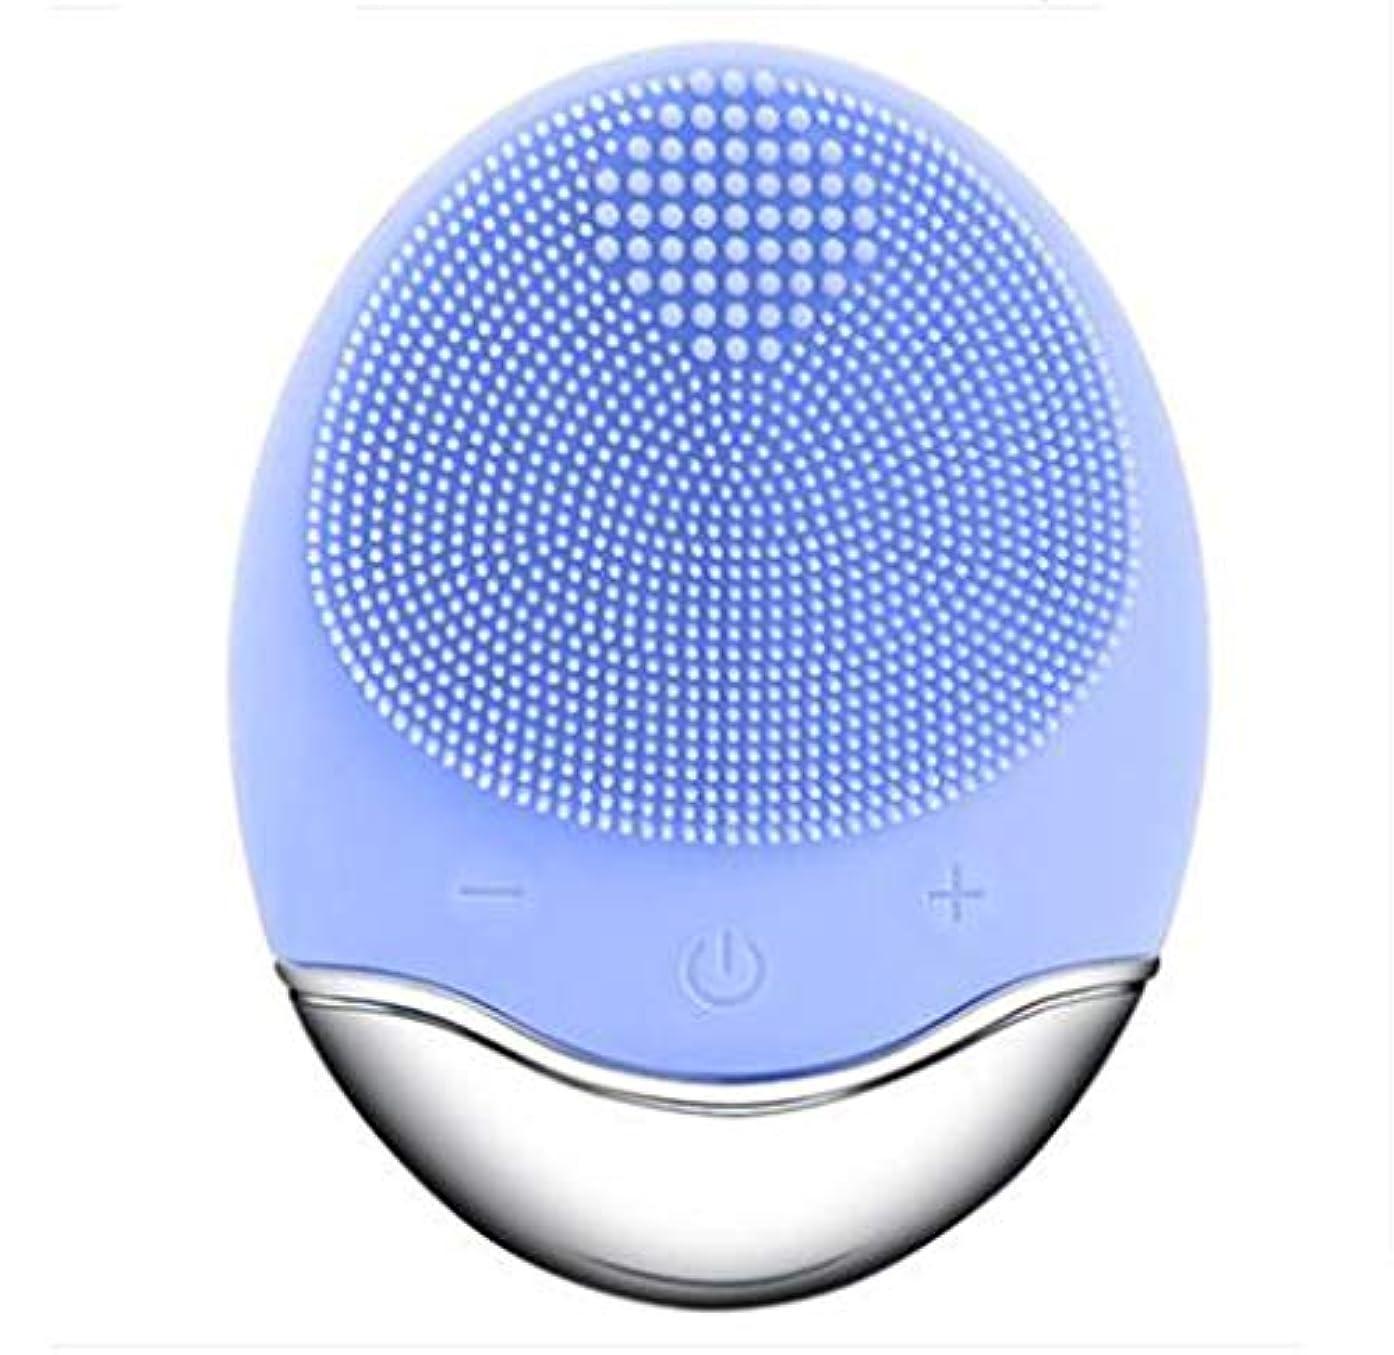 ハック元気な縁石シリコーン電気クレンジング器具、洗顔毛穴クリーナーマッサージフェイス、イントロデューサー + クレンジング器具 (1 つ2個),Blue